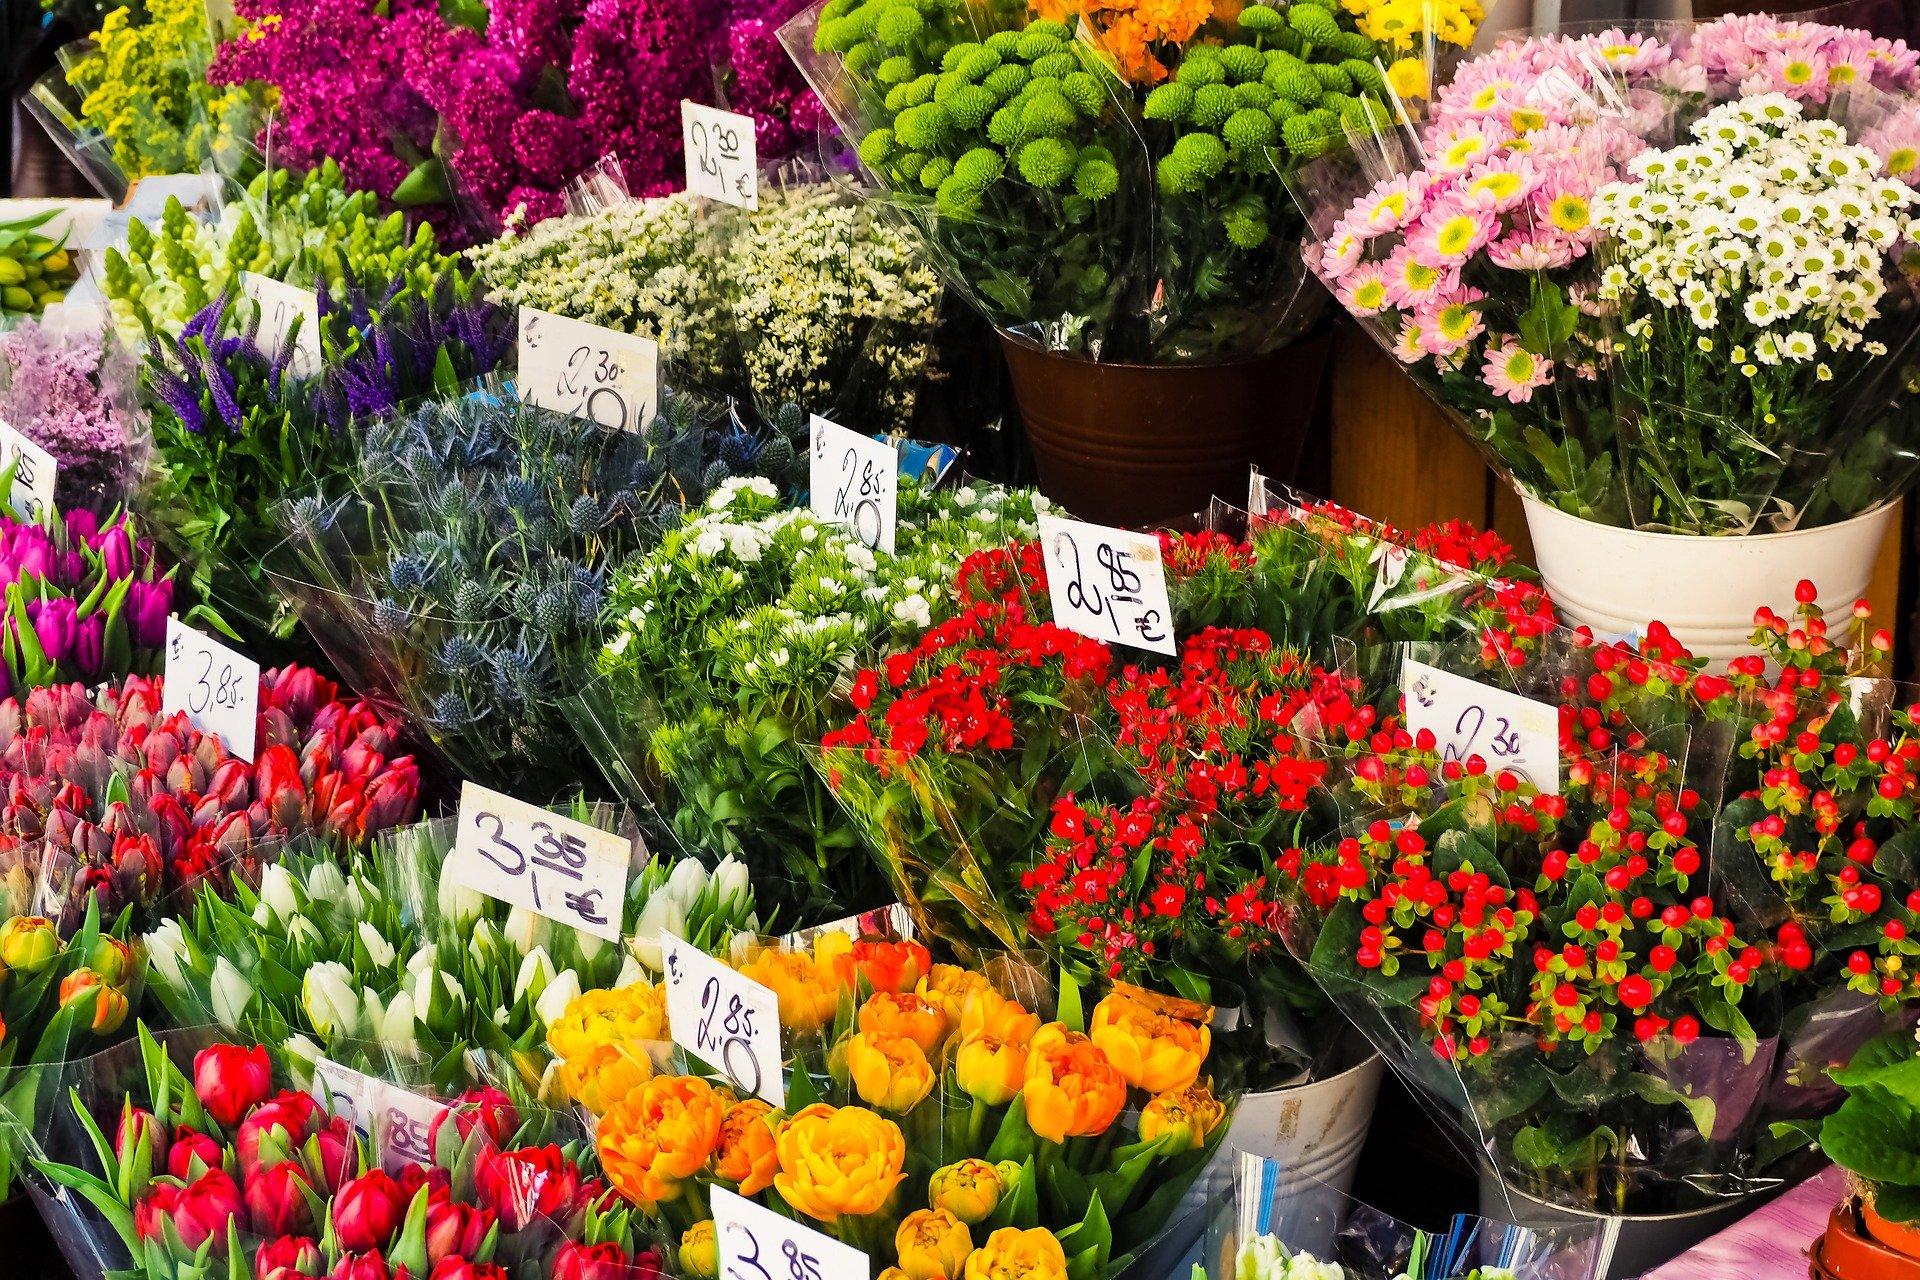 Viele verschiedenartige bunte Blumen